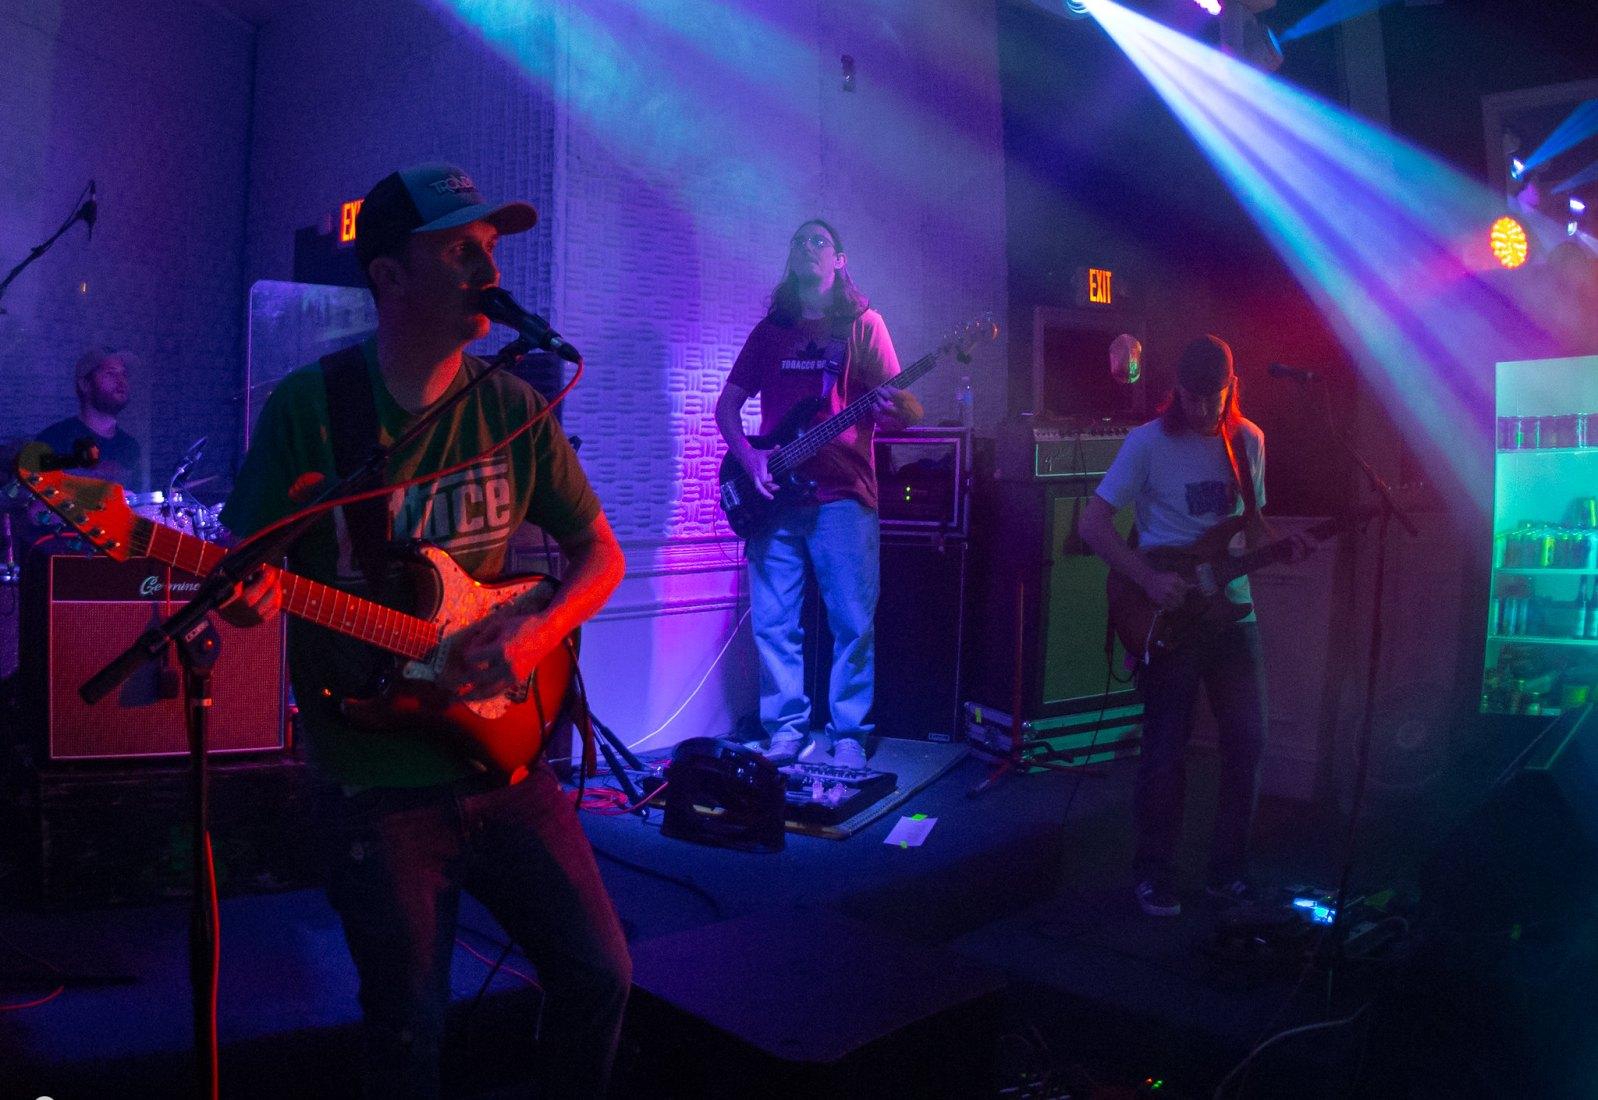 Big Something - Covington, KY - 5/25/18